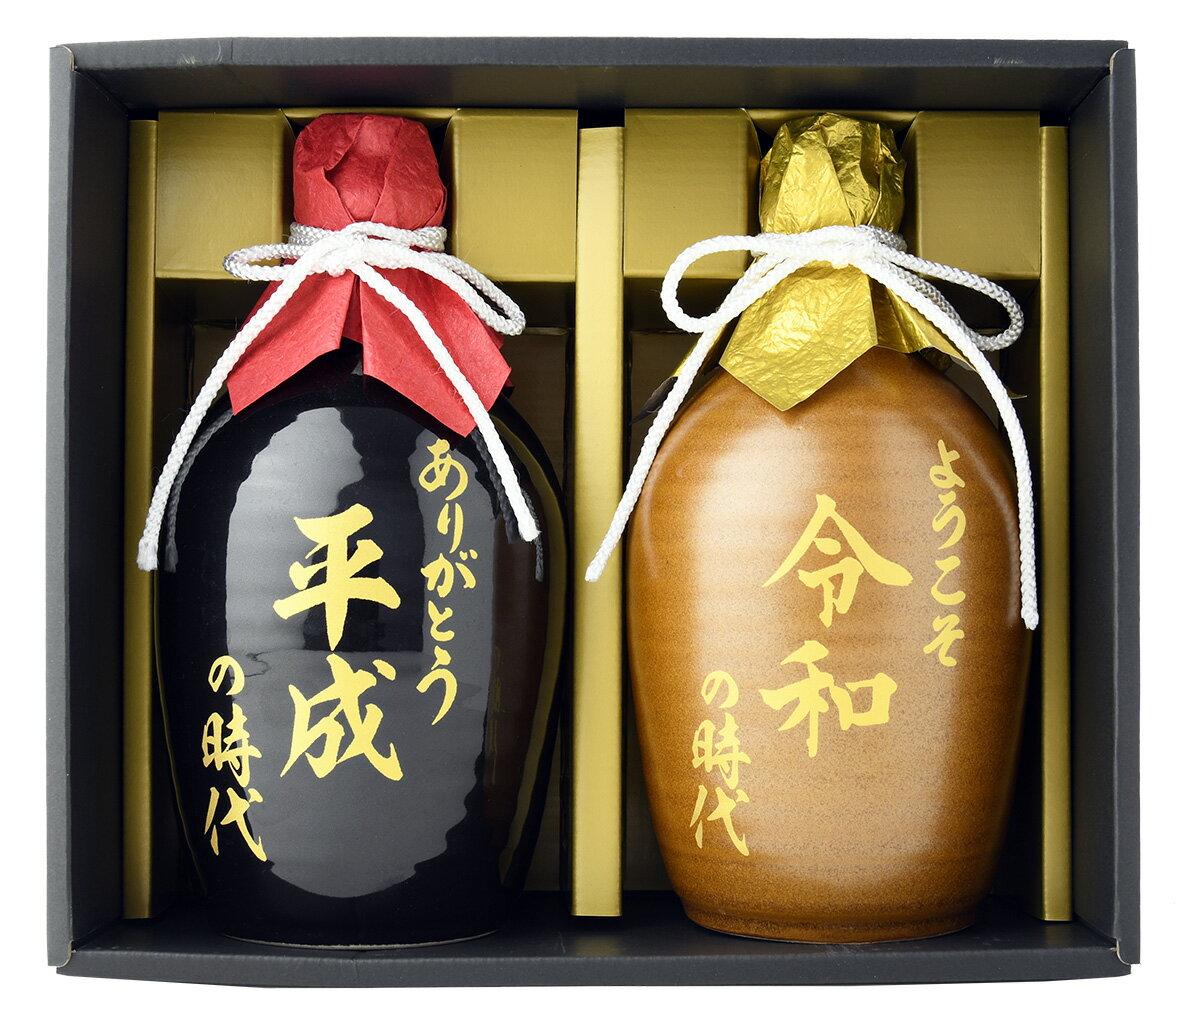 本格焼酎 改元記念ボトルセット MR-KH 【焼酎/岡山県/宮下酒造】